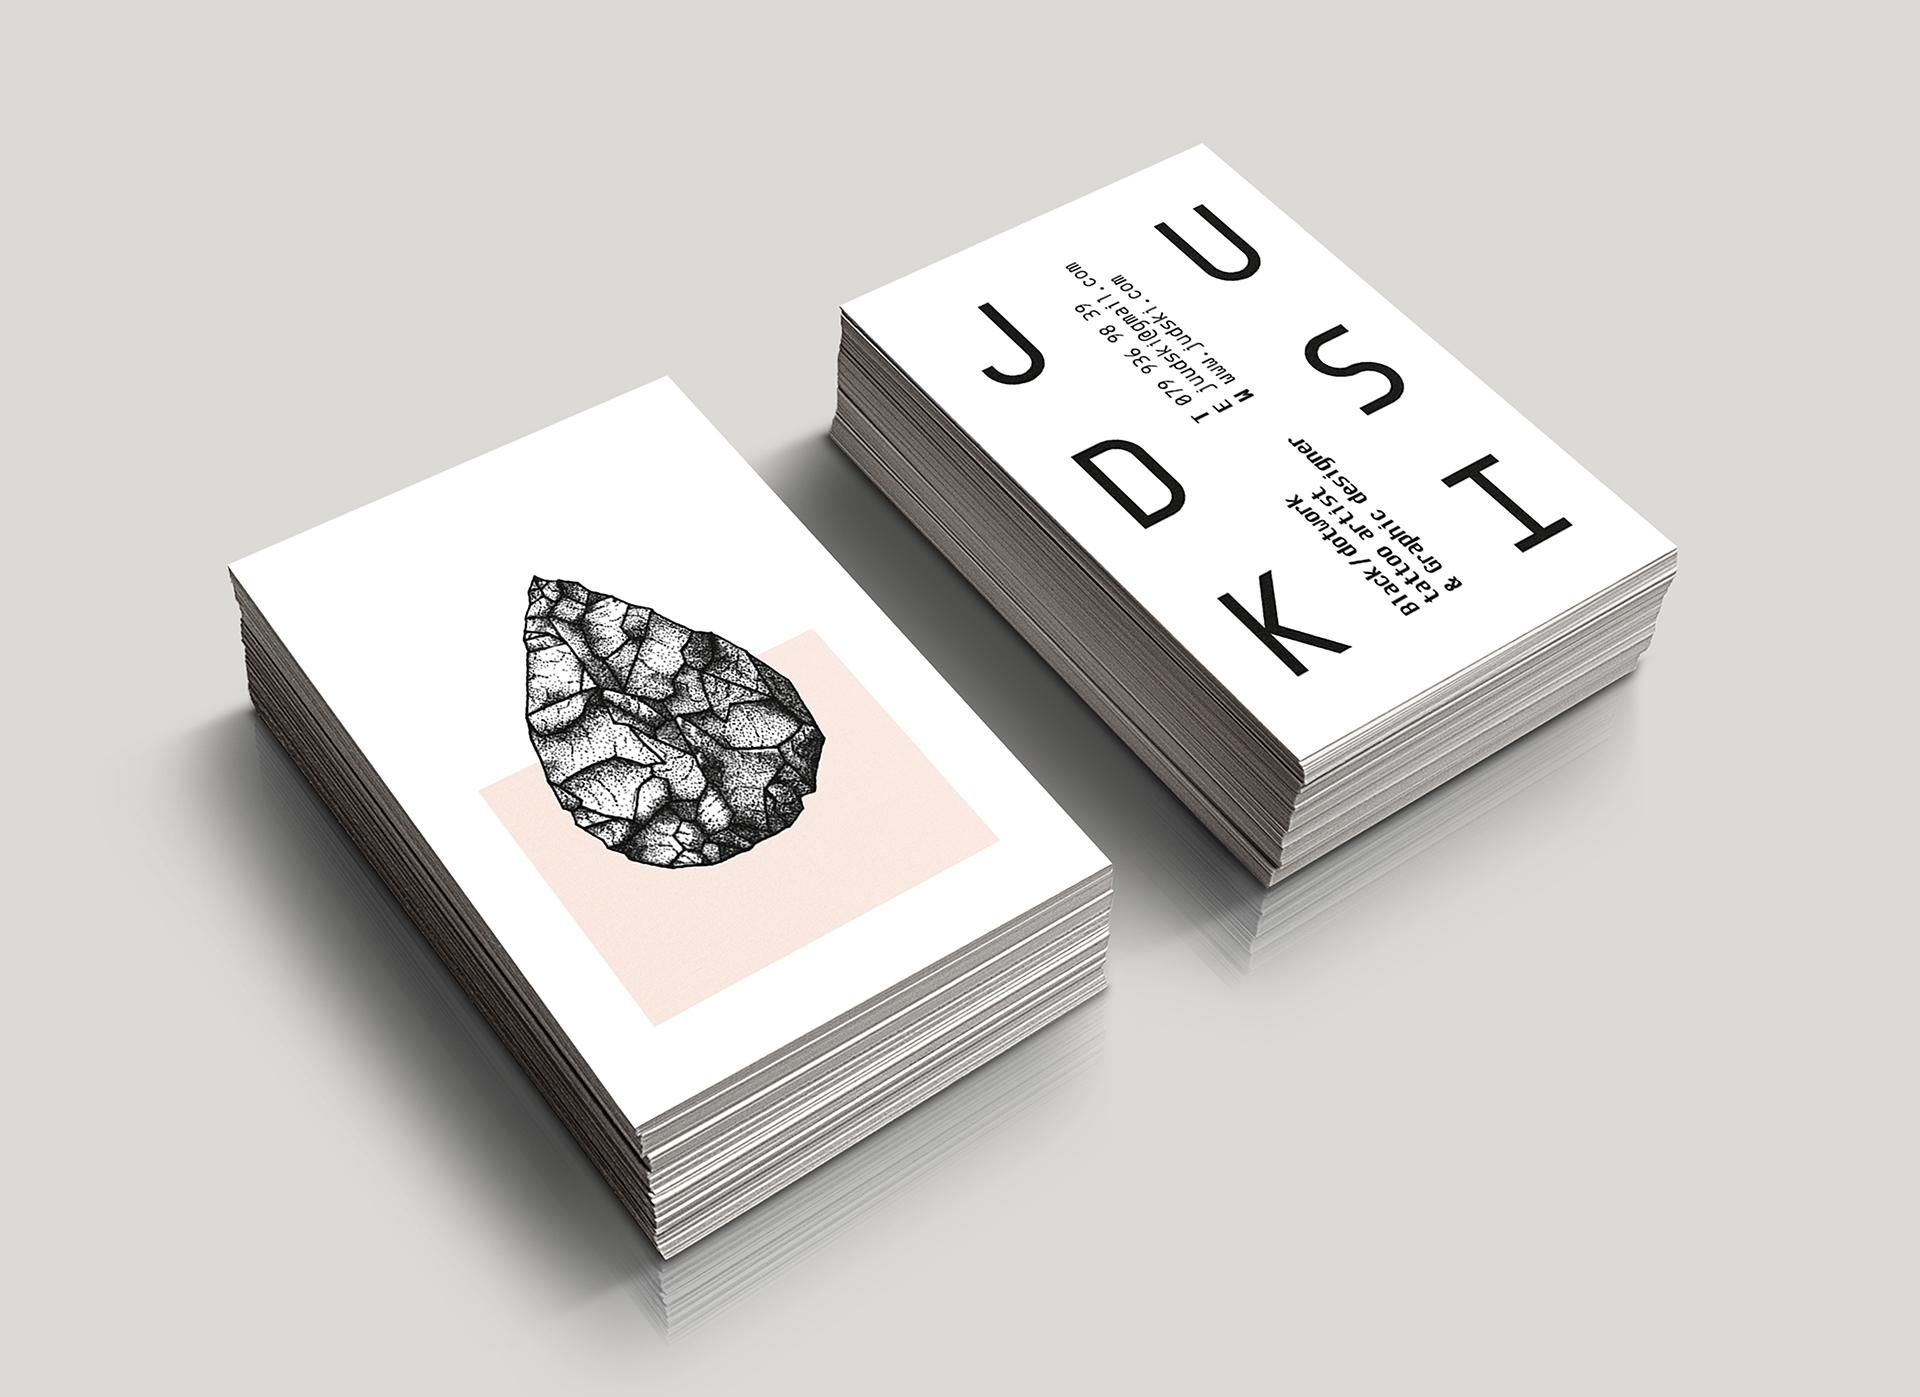 Judski_cartes.jpg